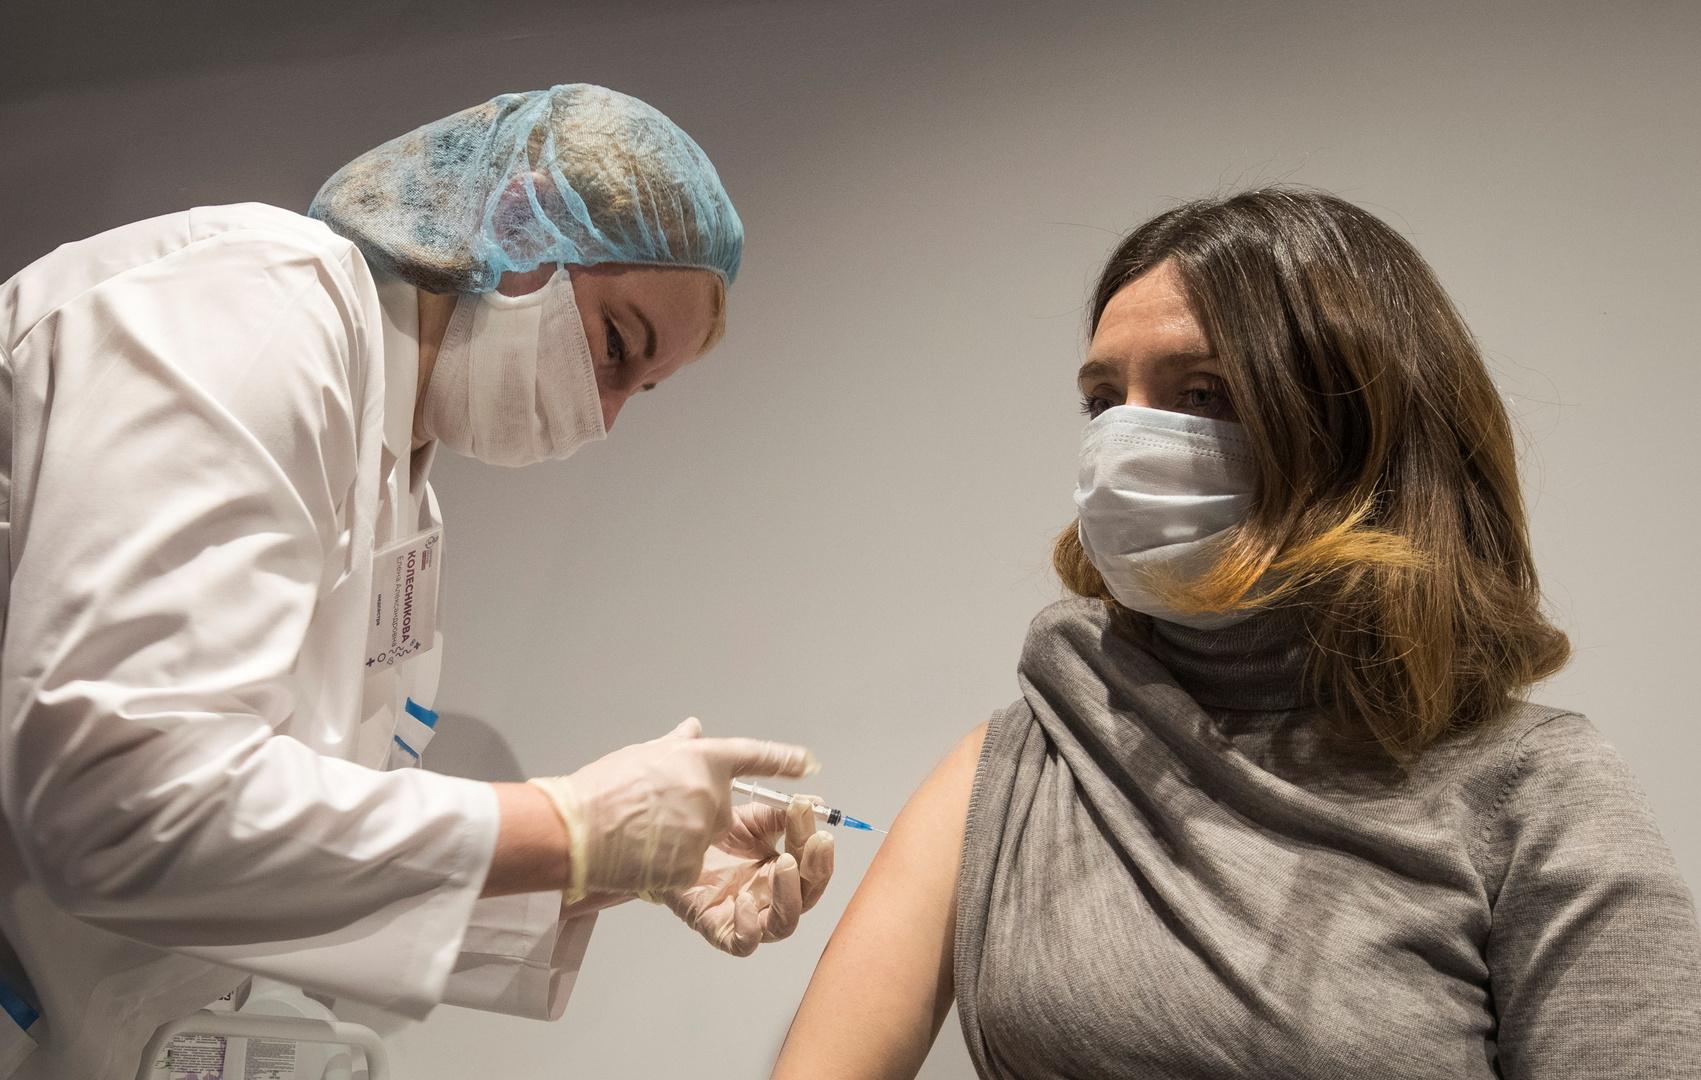 روسيا تواصل تسجيل انخفاض في عدد الإصابات والوفيات بفيروس كورونا